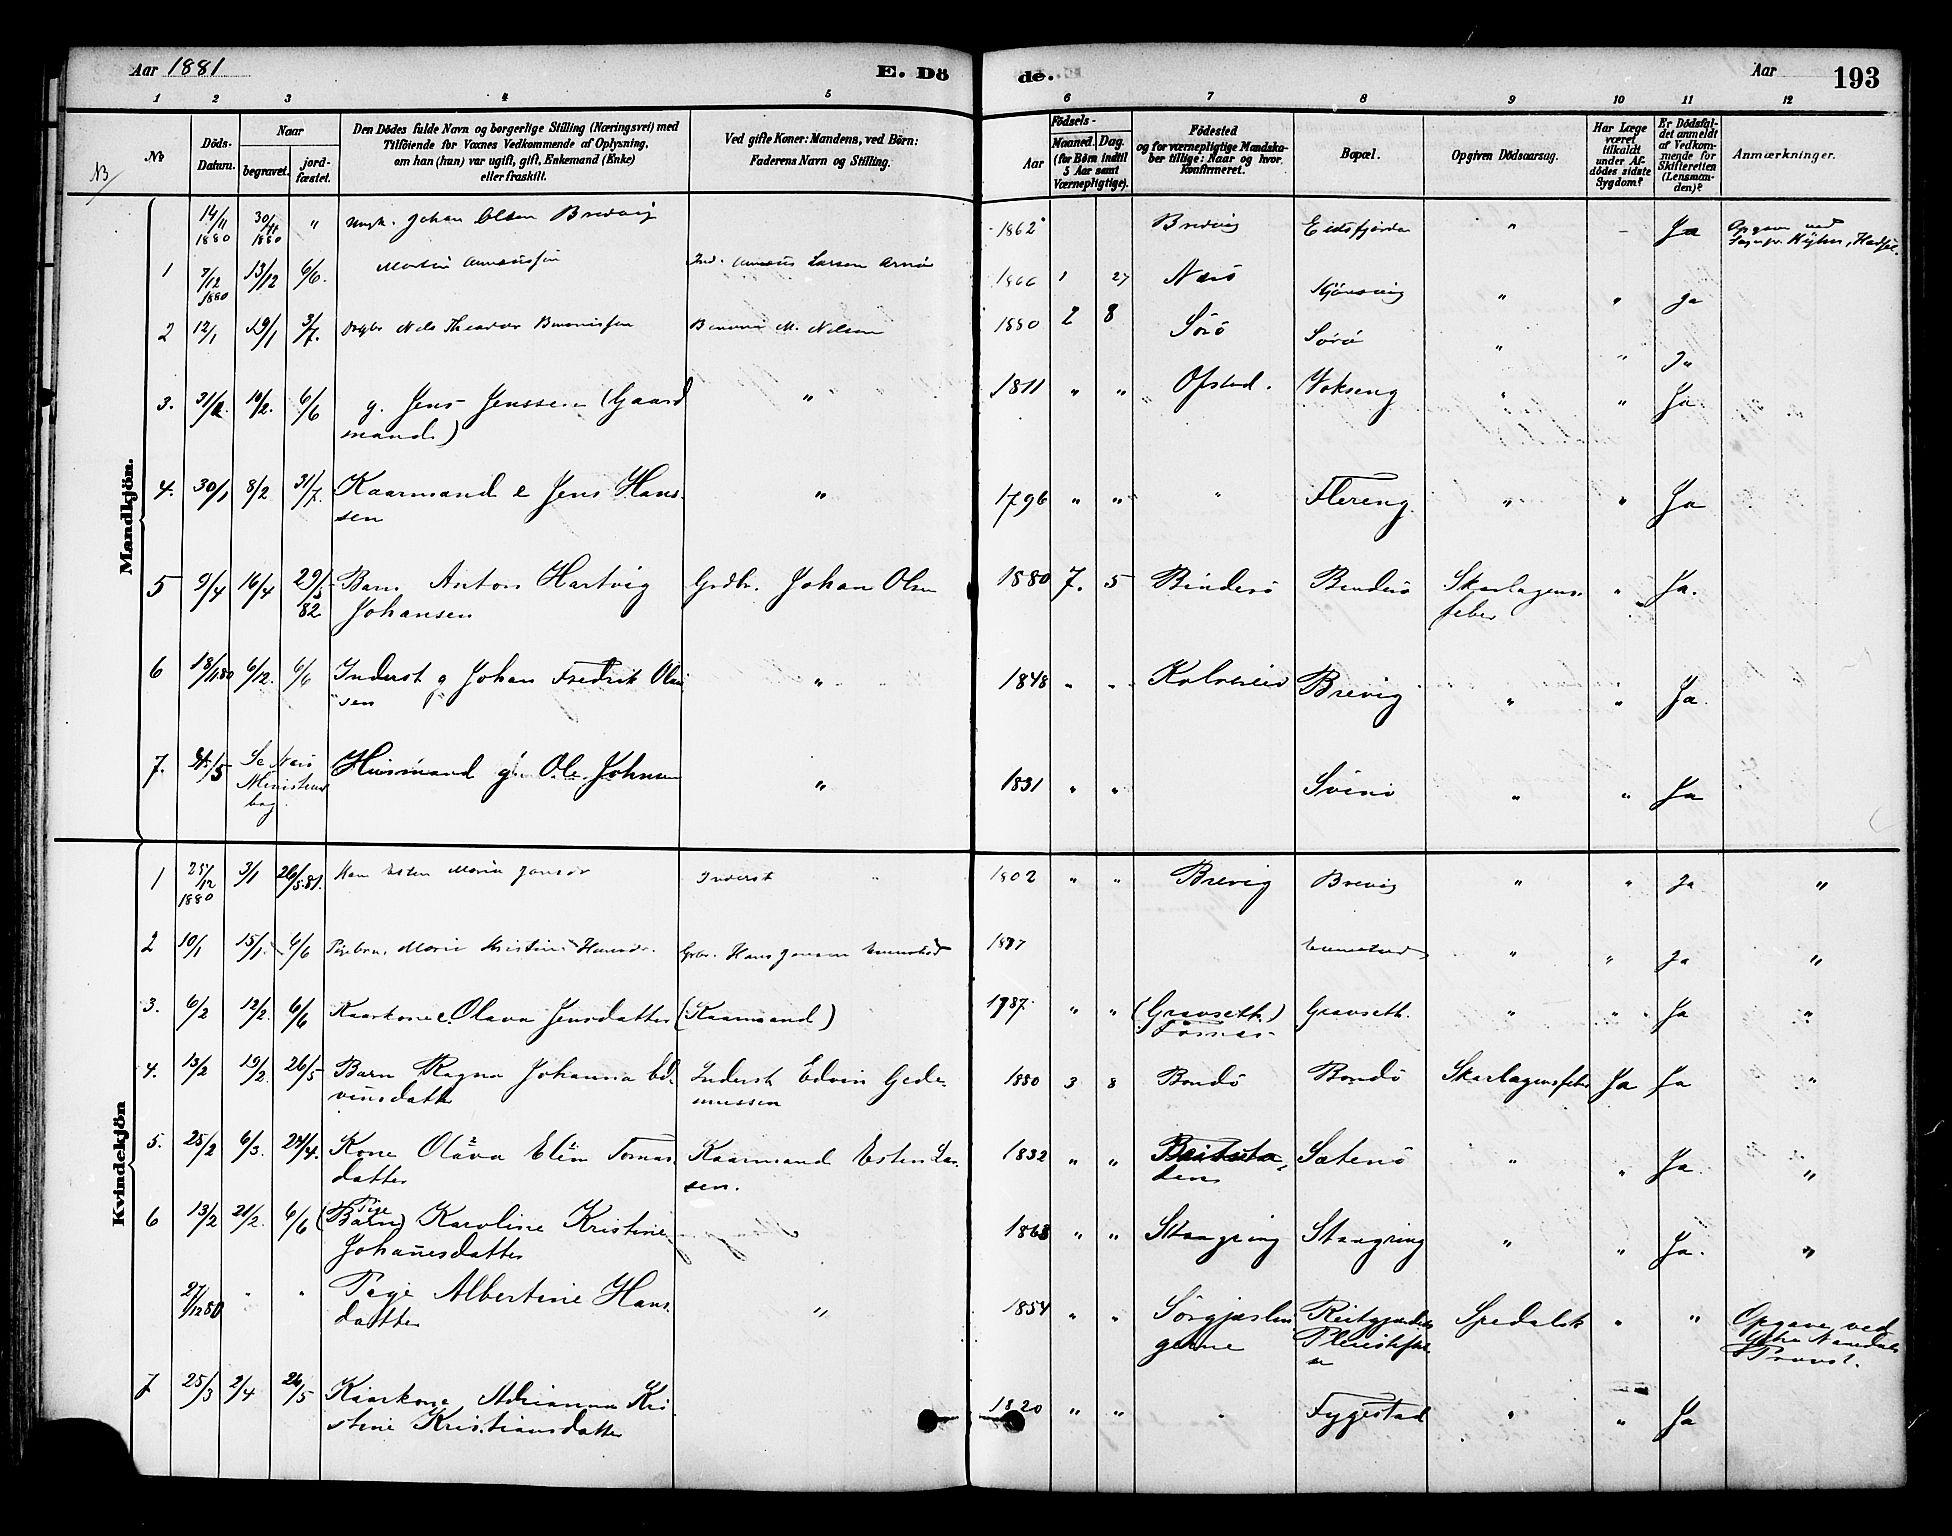 SAT, Ministerialprotokoller, klokkerbøker og fødselsregistre - Nord-Trøndelag, 786/L0686: Ministerialbok nr. 786A02, 1880-1887, s. 193